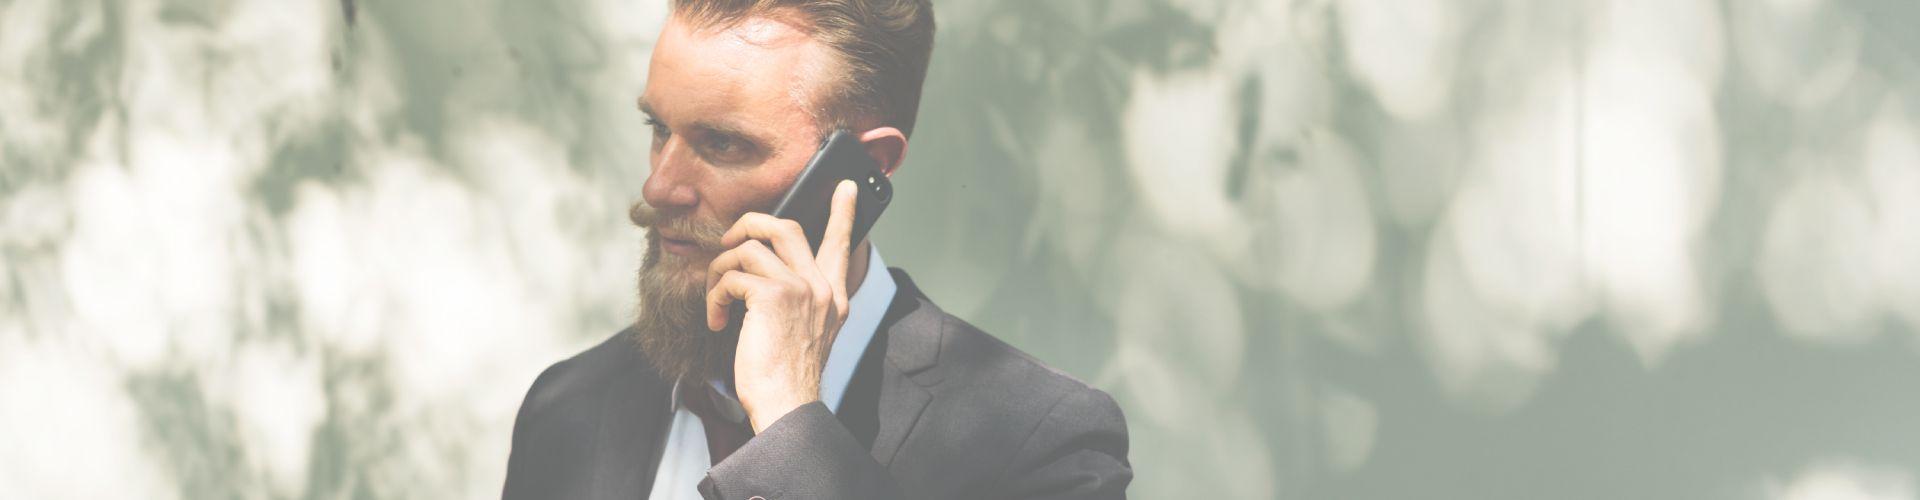 méthode de prospection téléphonique